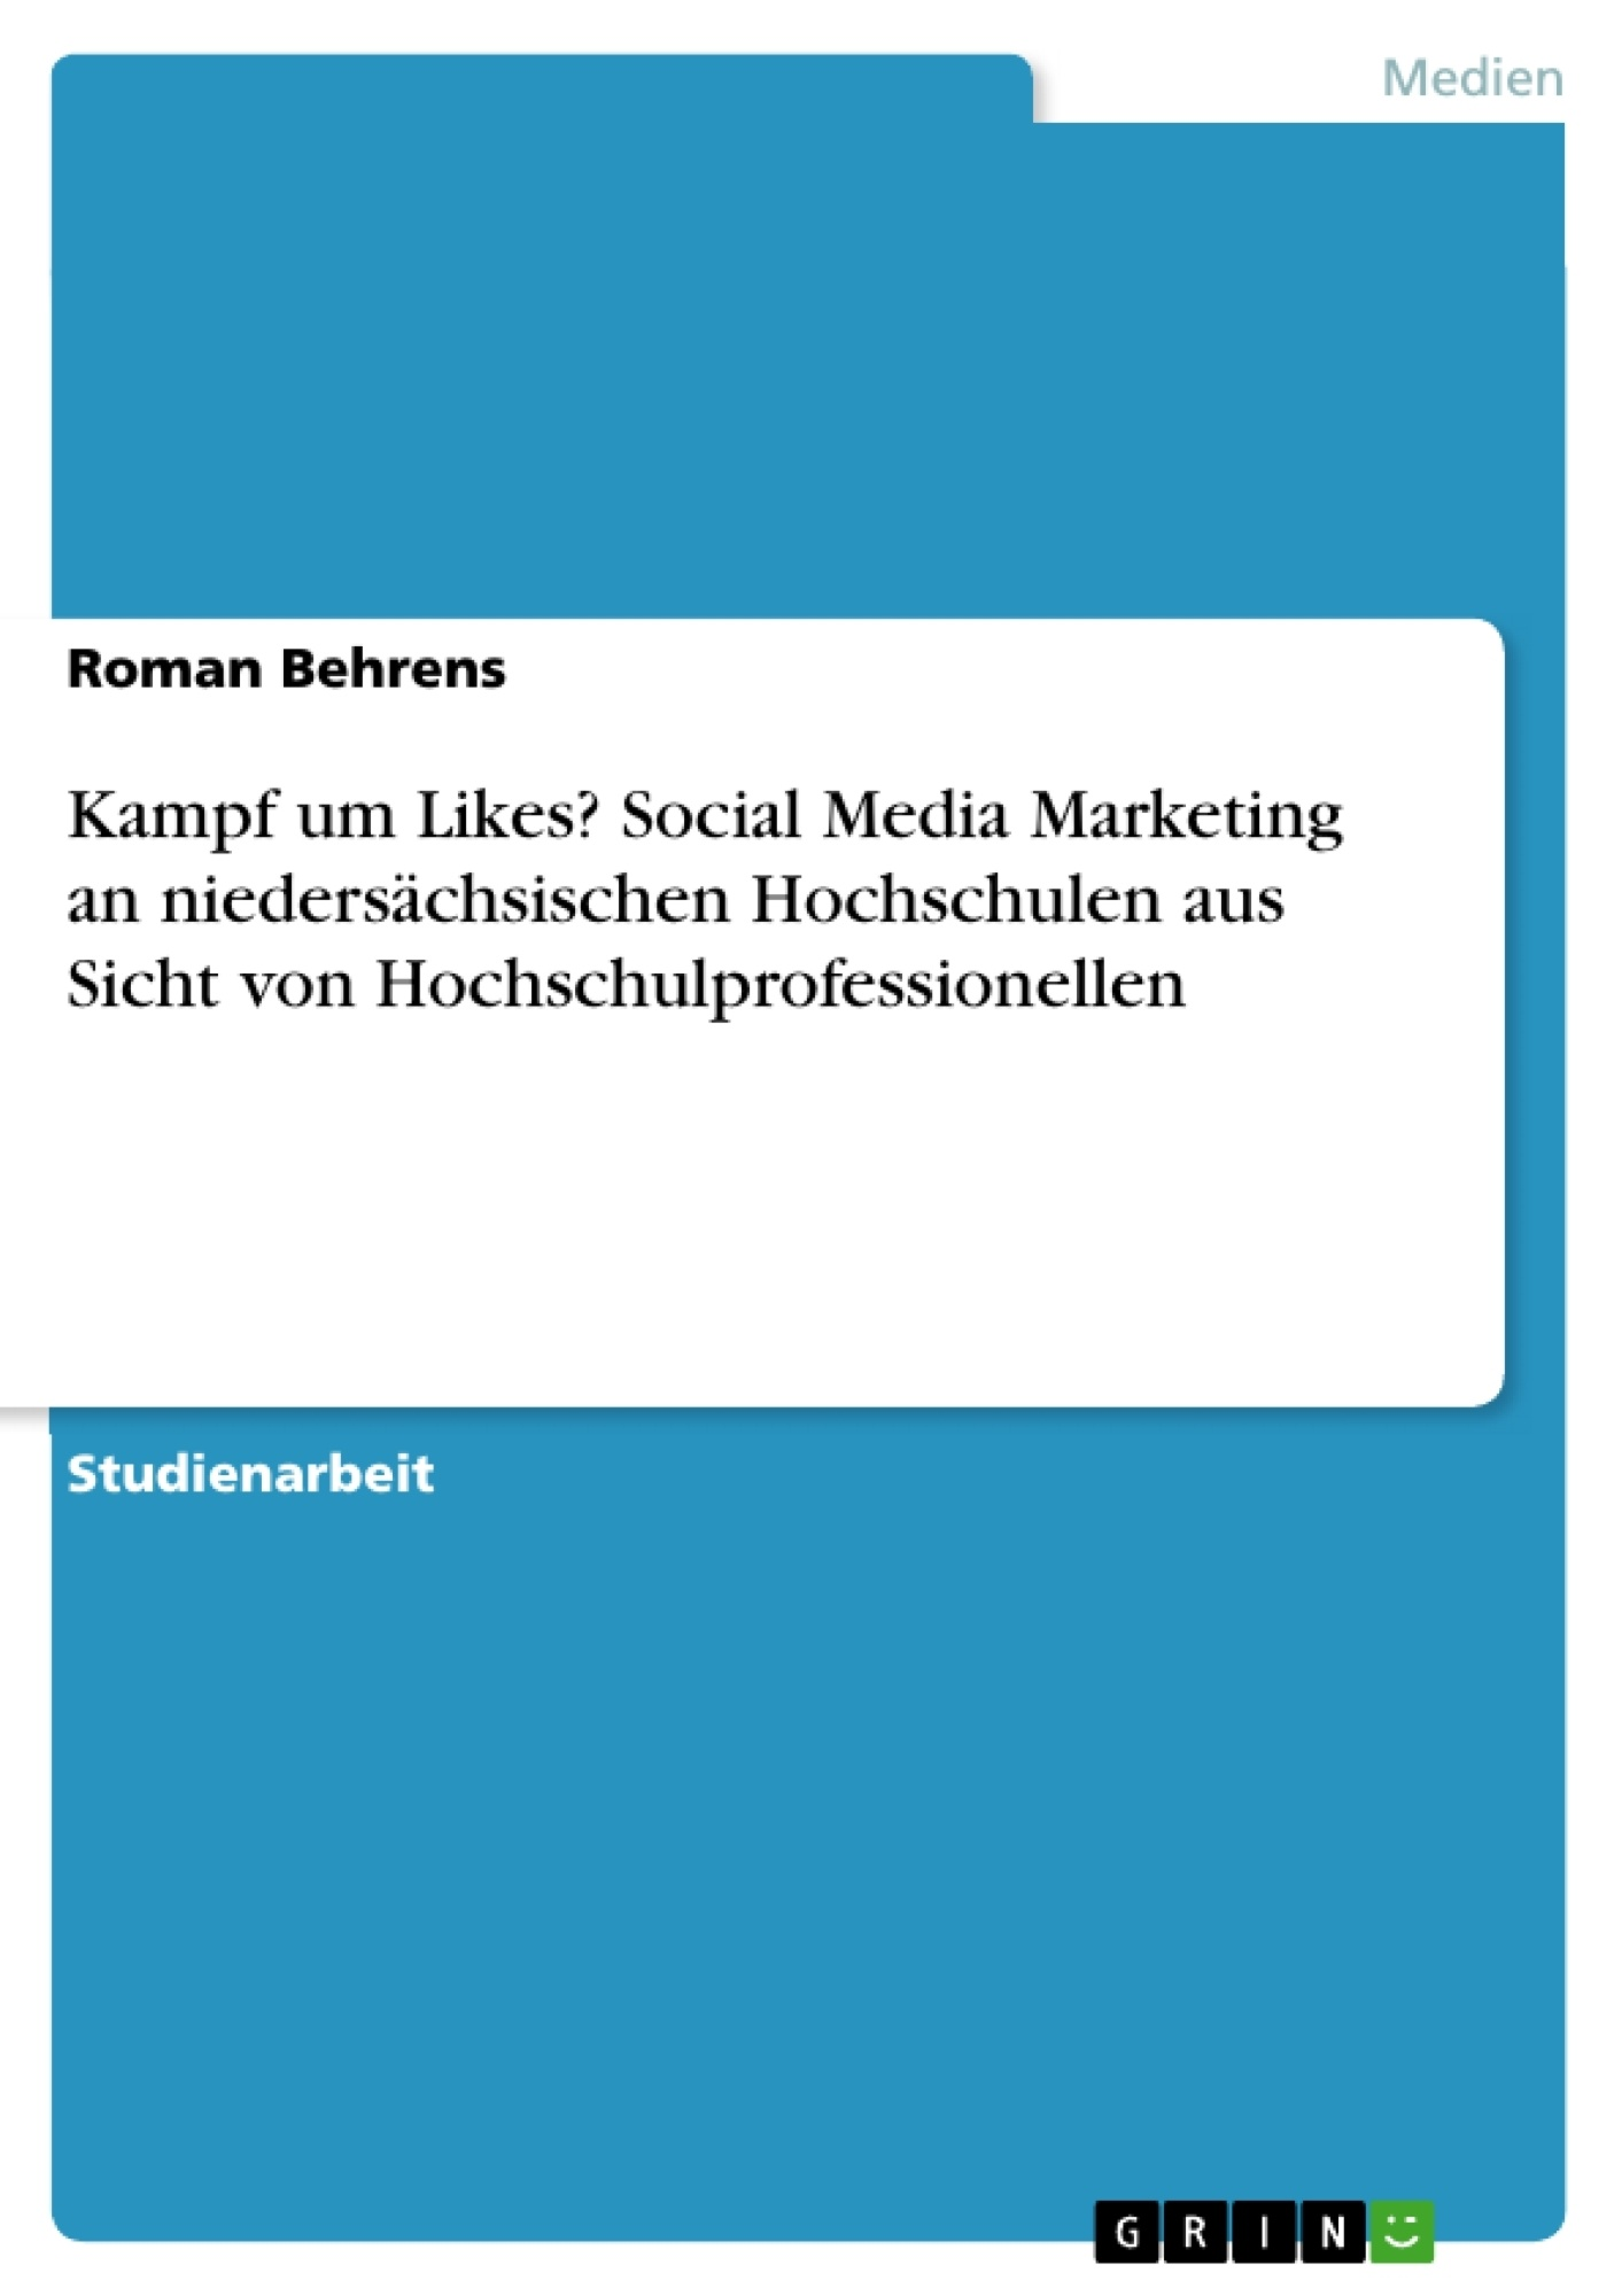 Titel: Kampf um Likes? Social Media Marketing an niedersächsischen Hochschulen aus Sicht von Hochschulprofessionellen